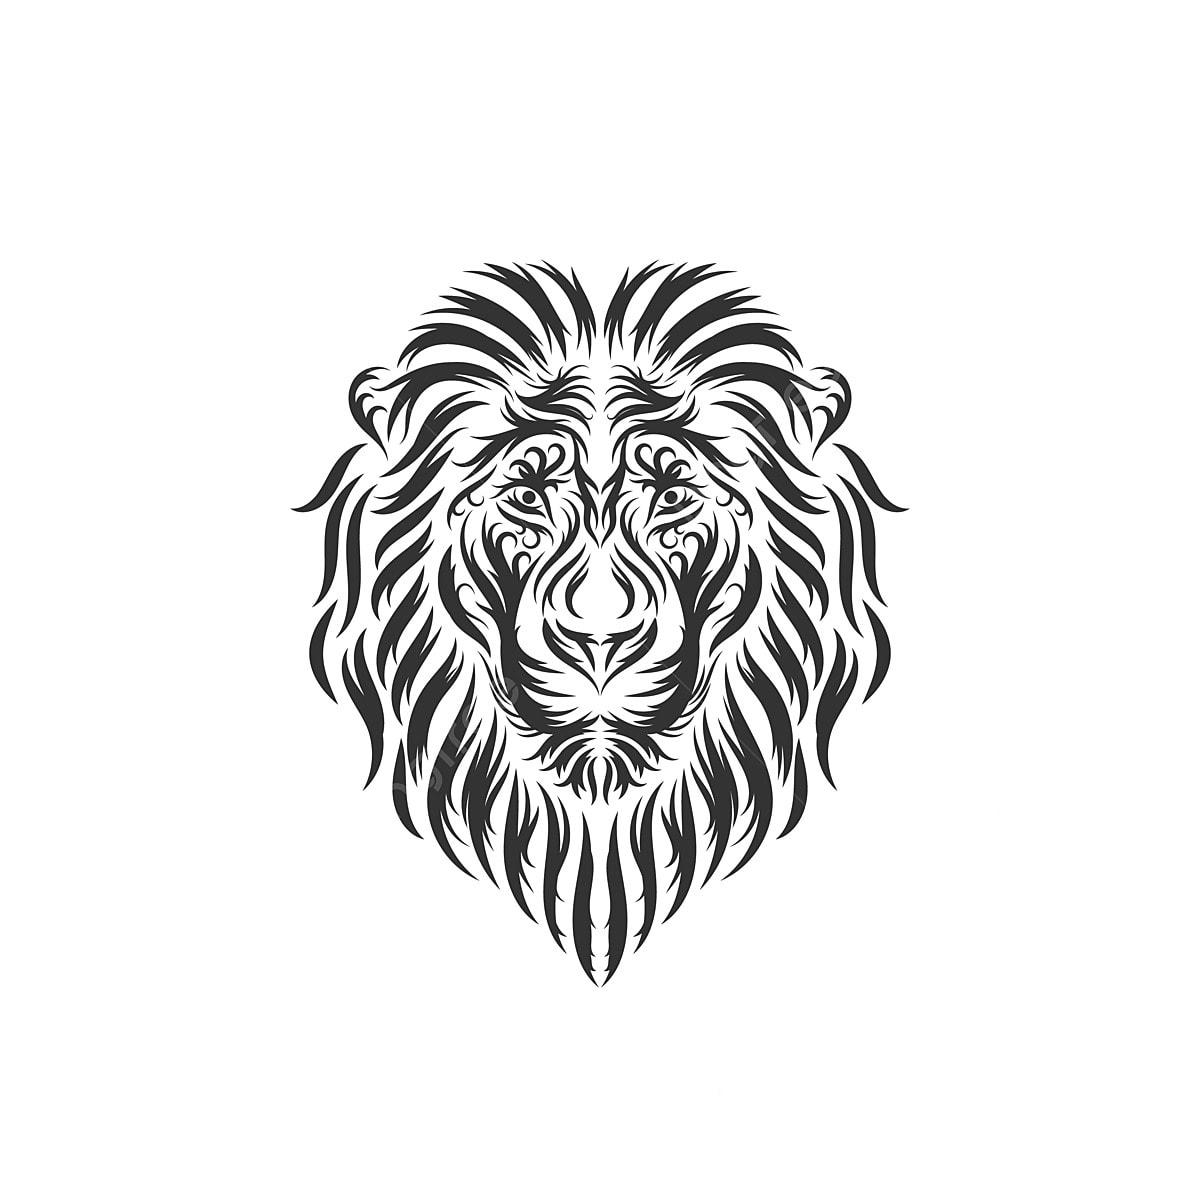 Tangan Ditarik Kepala Singa Inspirasi Abstrak Haiwan Seni